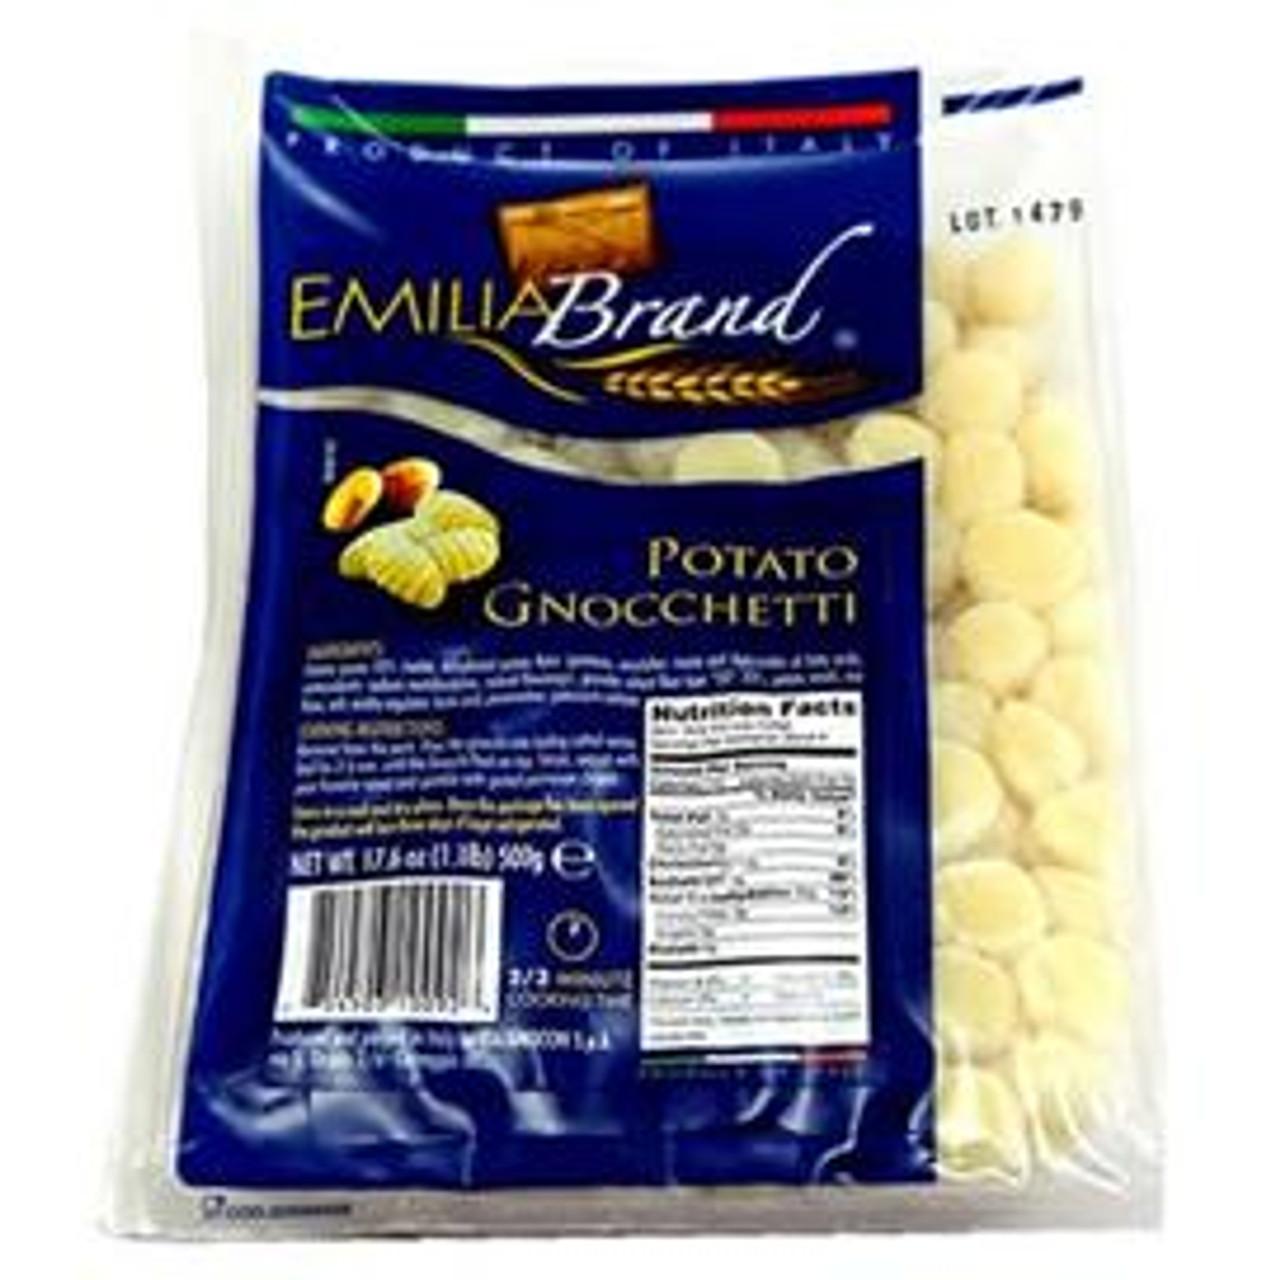 Emilia Brand Potato Gnocchetti